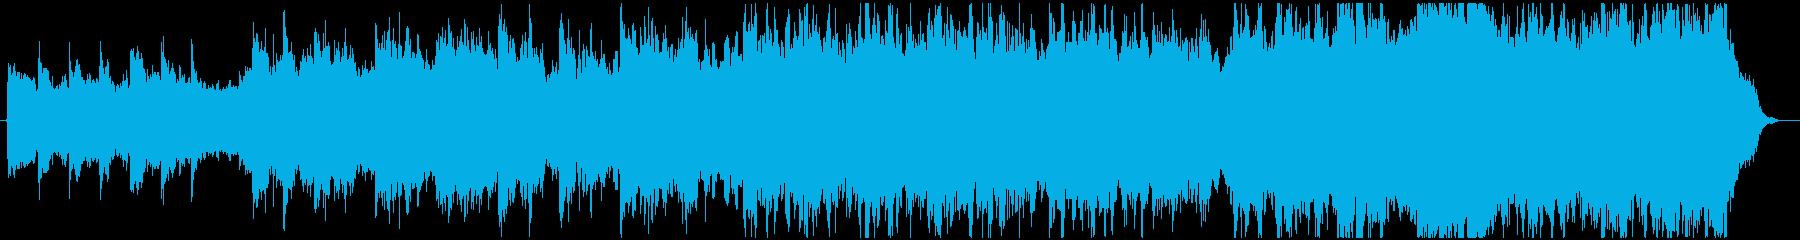 Epic Emotional Or.V1の再生済みの波形